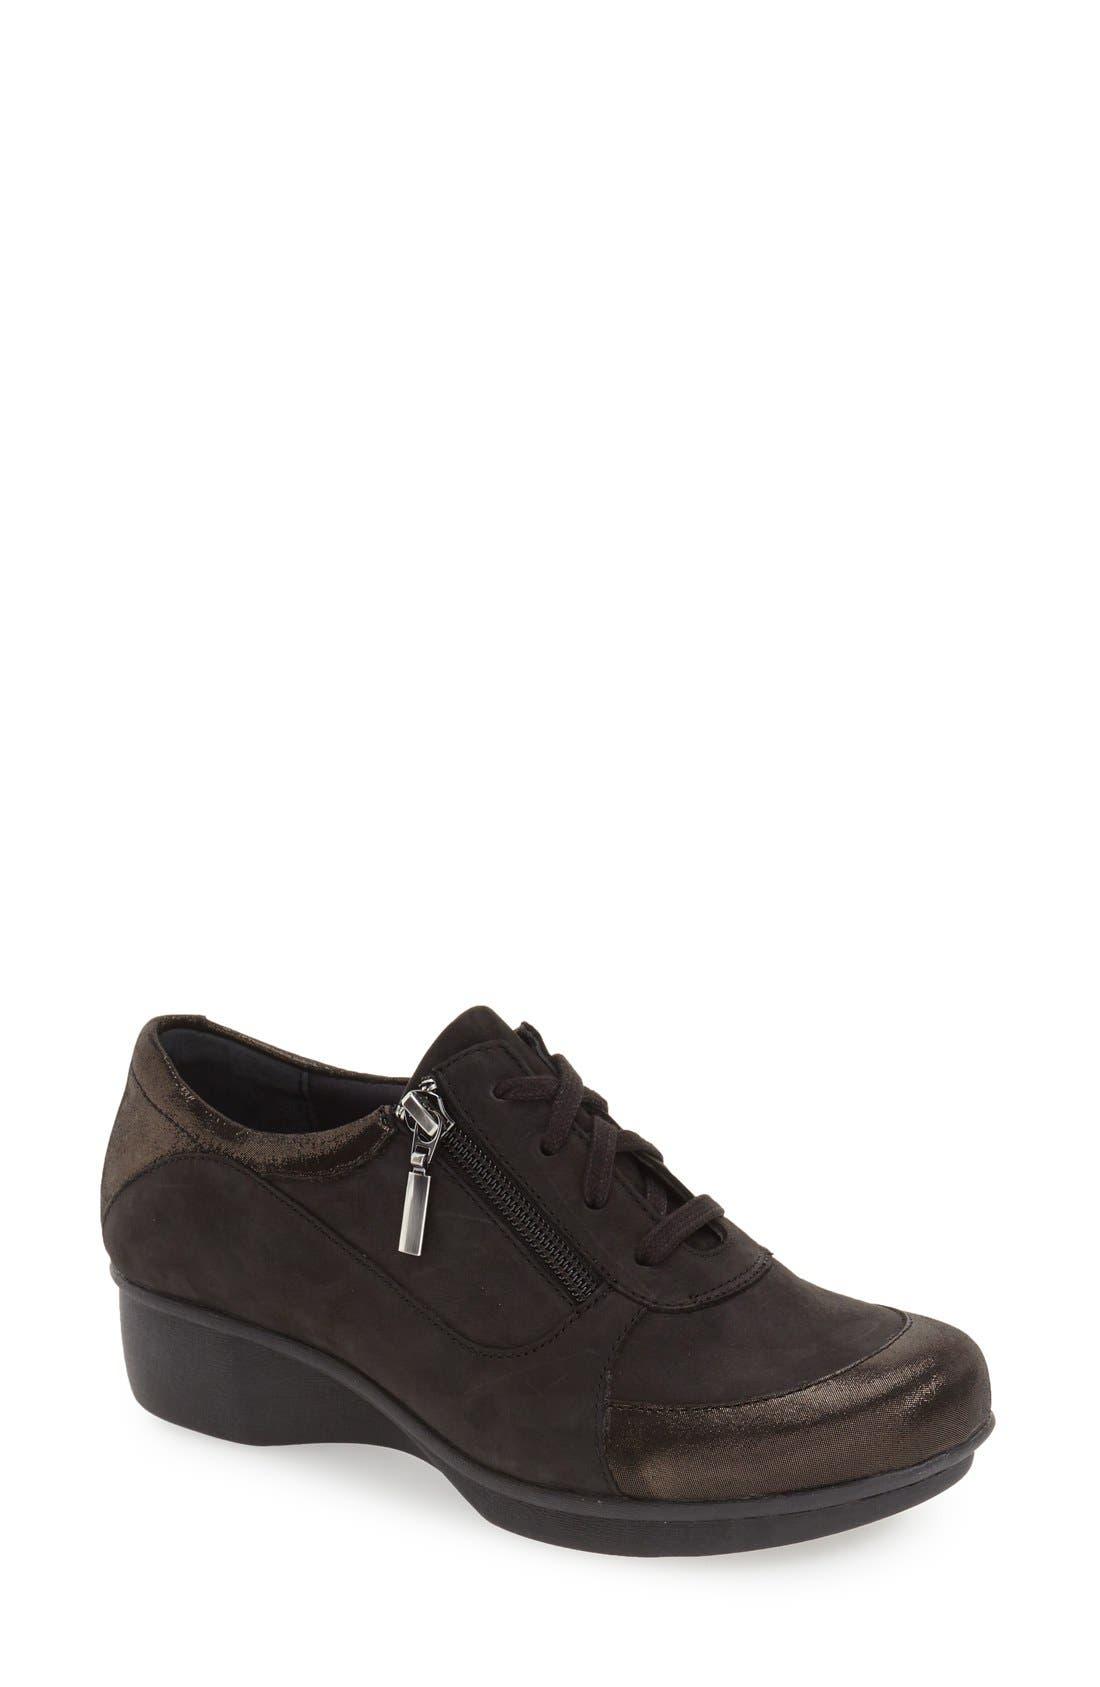 DANSKO 'Loretta' Platform Sneaker, Main, color, 001